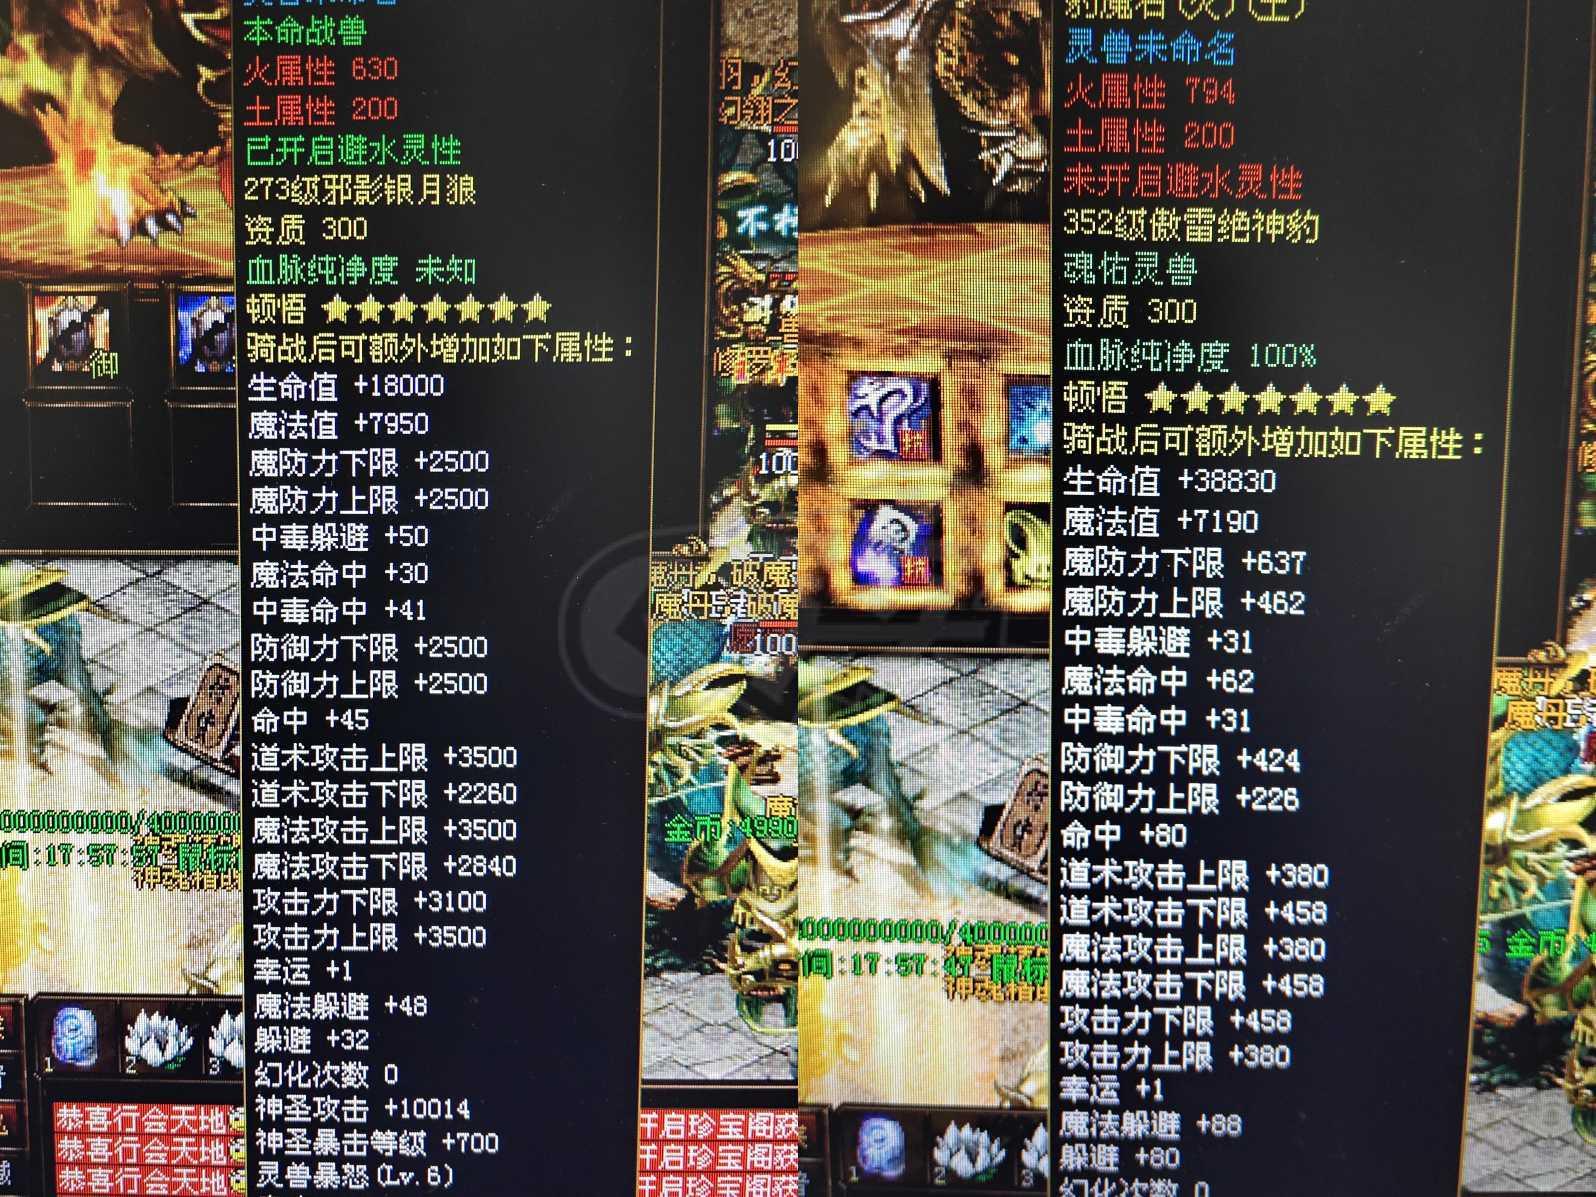 传奇世界-账号-[战士上仙99重]最新属性图更新!白装带7个7级石头近110万攻击!